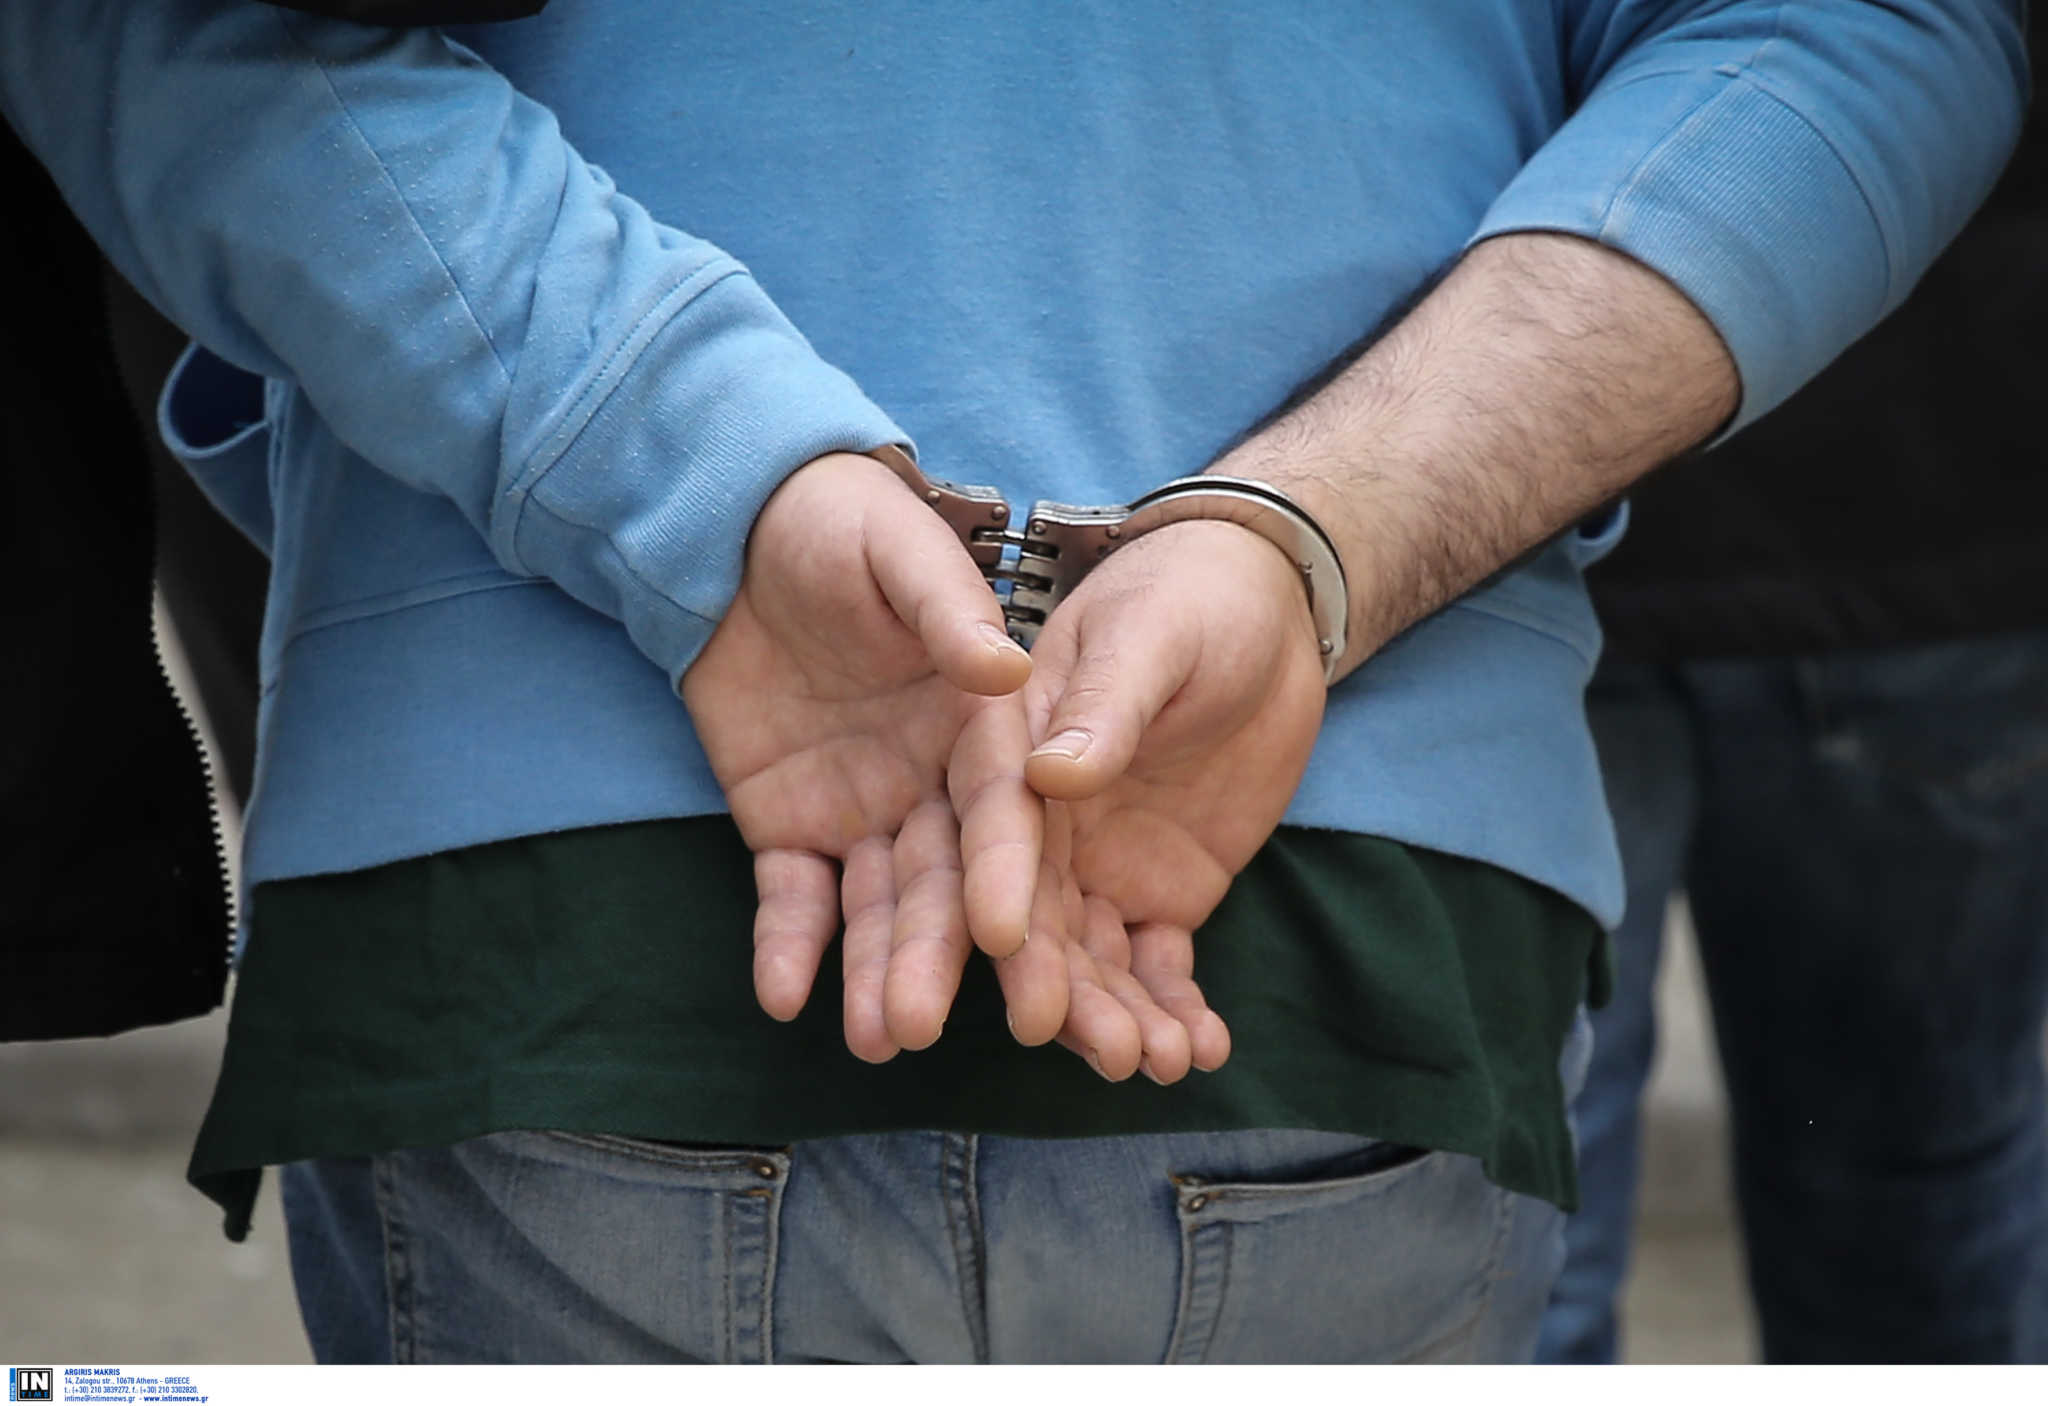 Ηράκλειο: Χειροπέδες σε δύο άνδρες για κατοχή κοκαΐνης